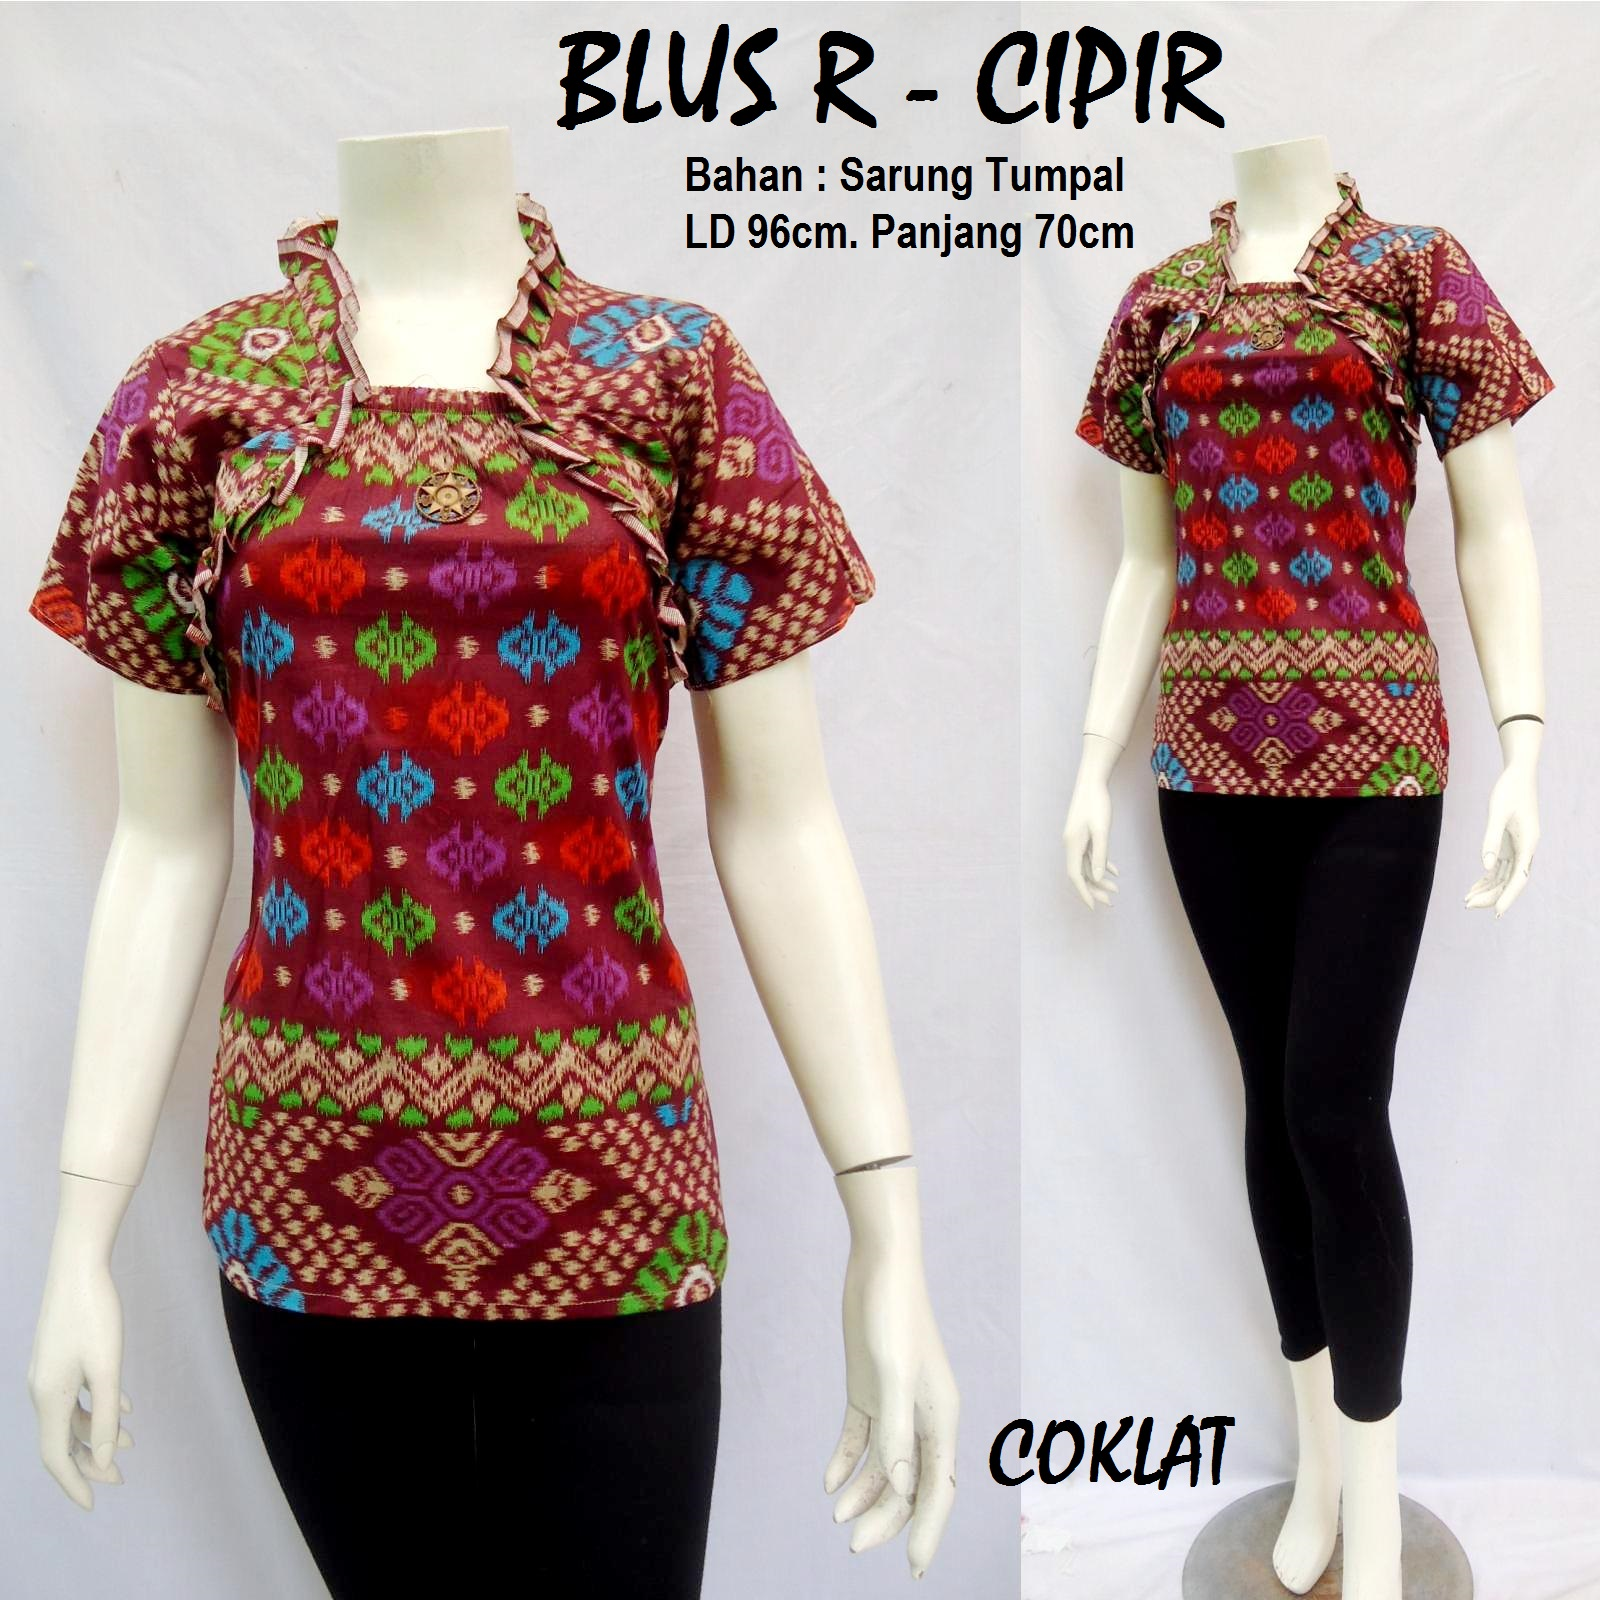 Produksi dan menjual grosireceran baju batik jadi BLUS ROMPI  CIPIR